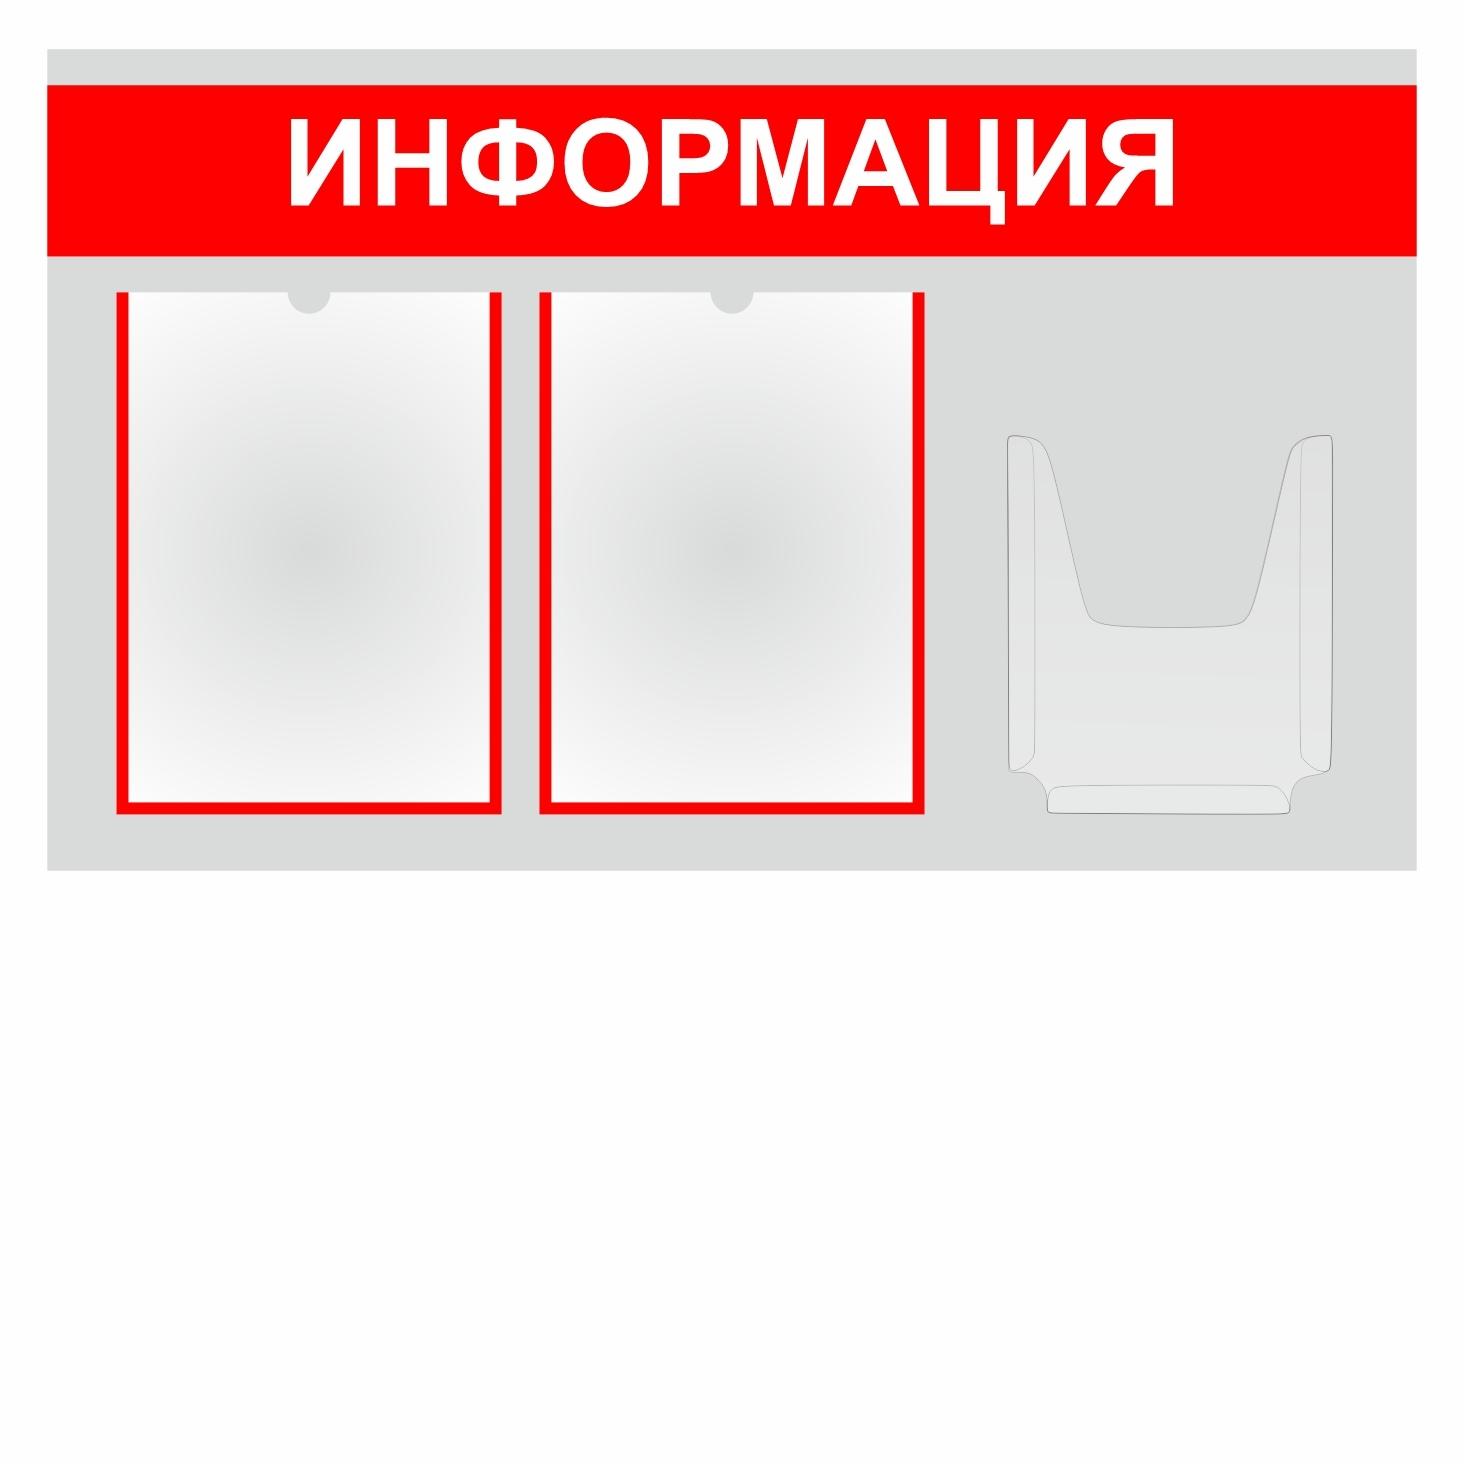 Информационный стенд 800х480мм из ПВХ 3мм на 2 плоских и 1 объемный карман